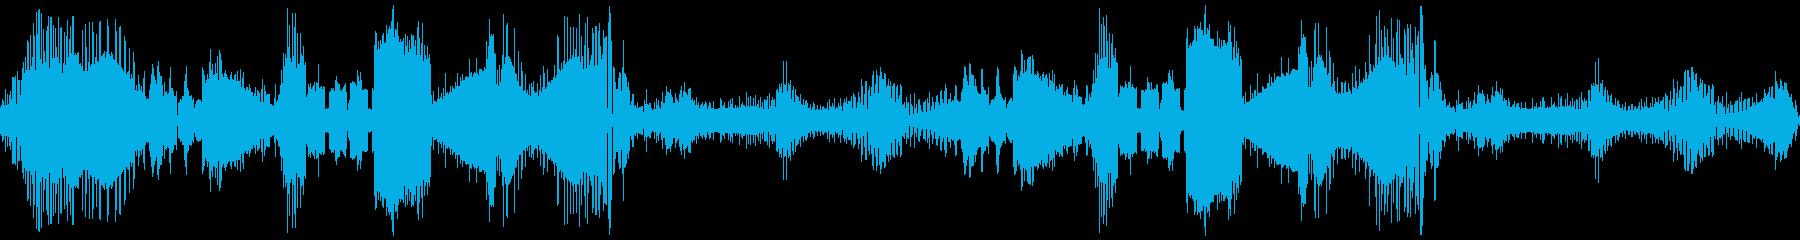 レーザースキャン、レーザー、スイー...の再生済みの波形